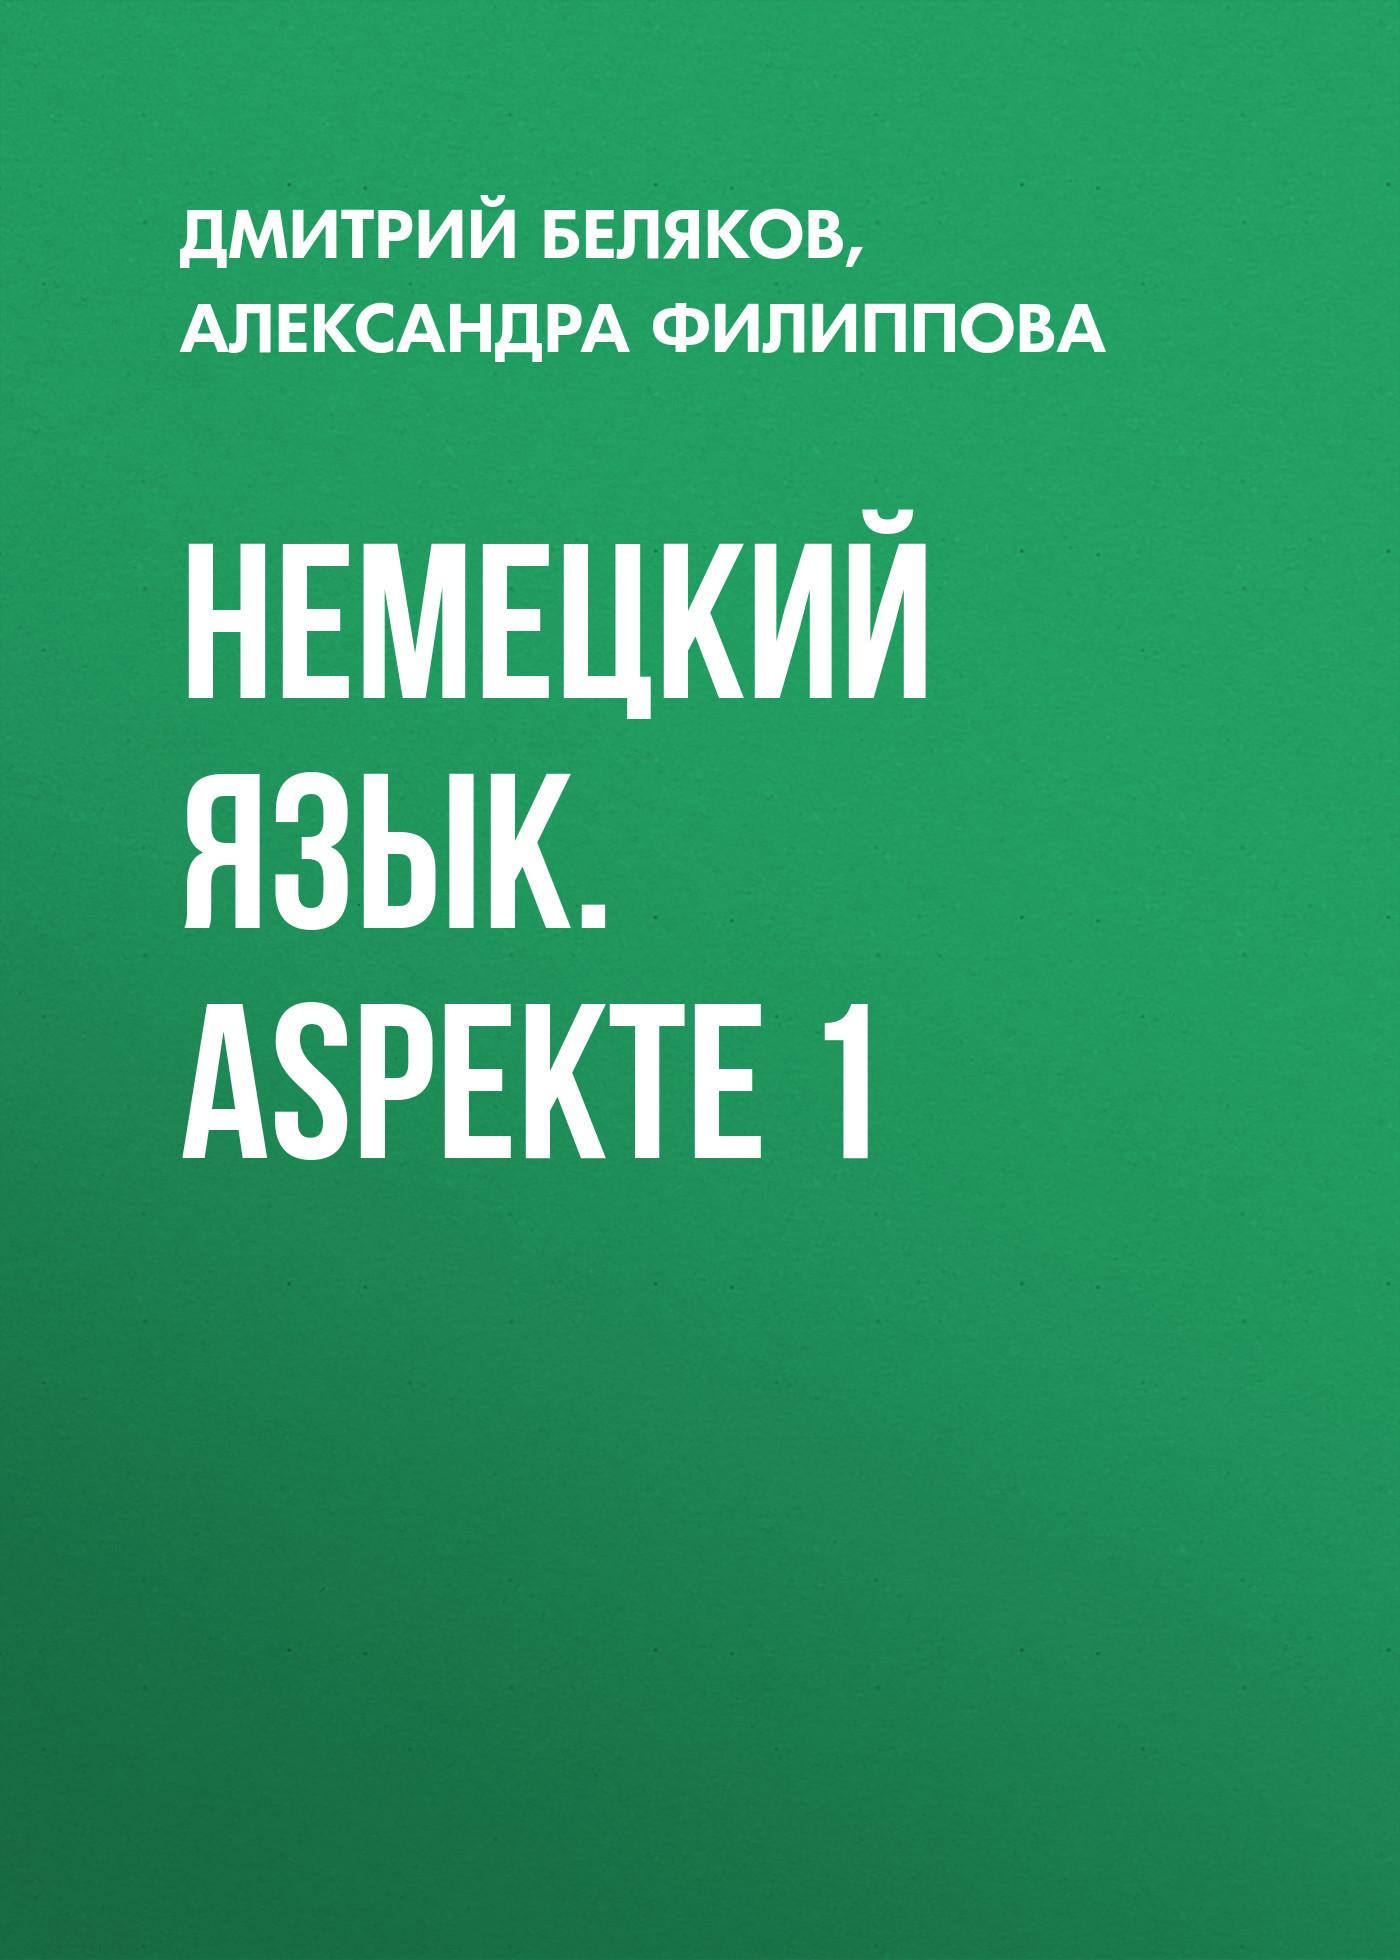 Дмитрий Беляков бесплатно